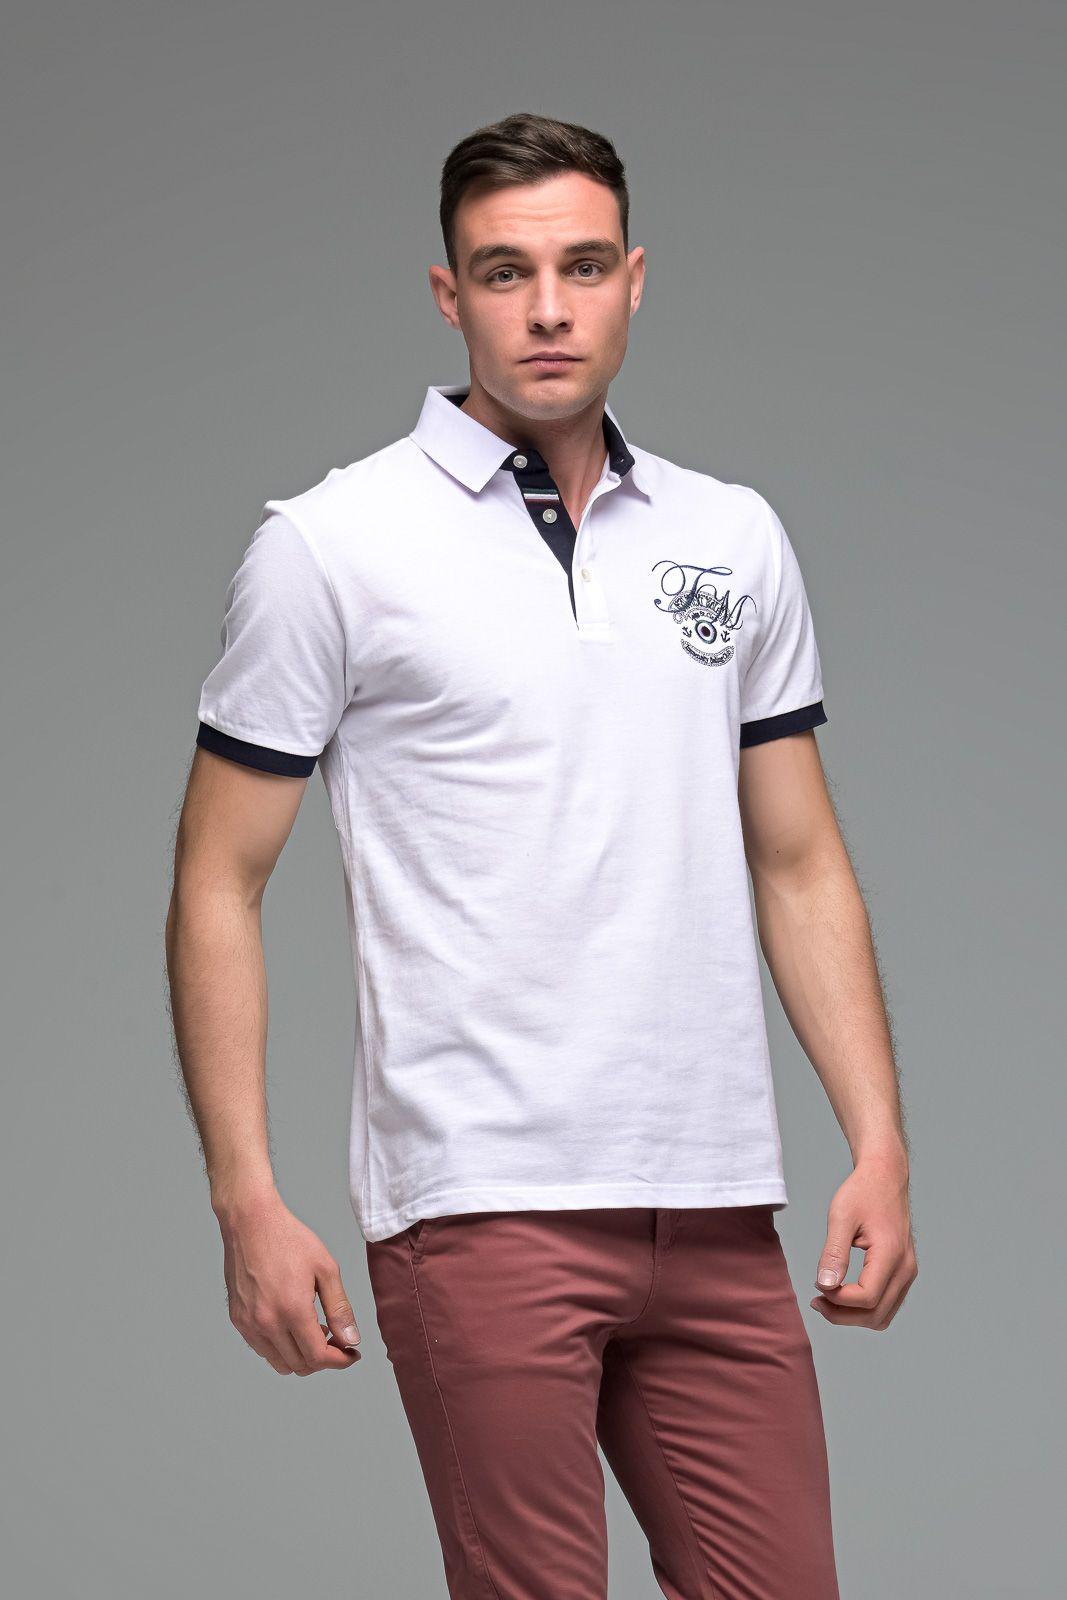 Λευκό Ανδρικό Πόλο Μπλουζάκι με Κέντημα